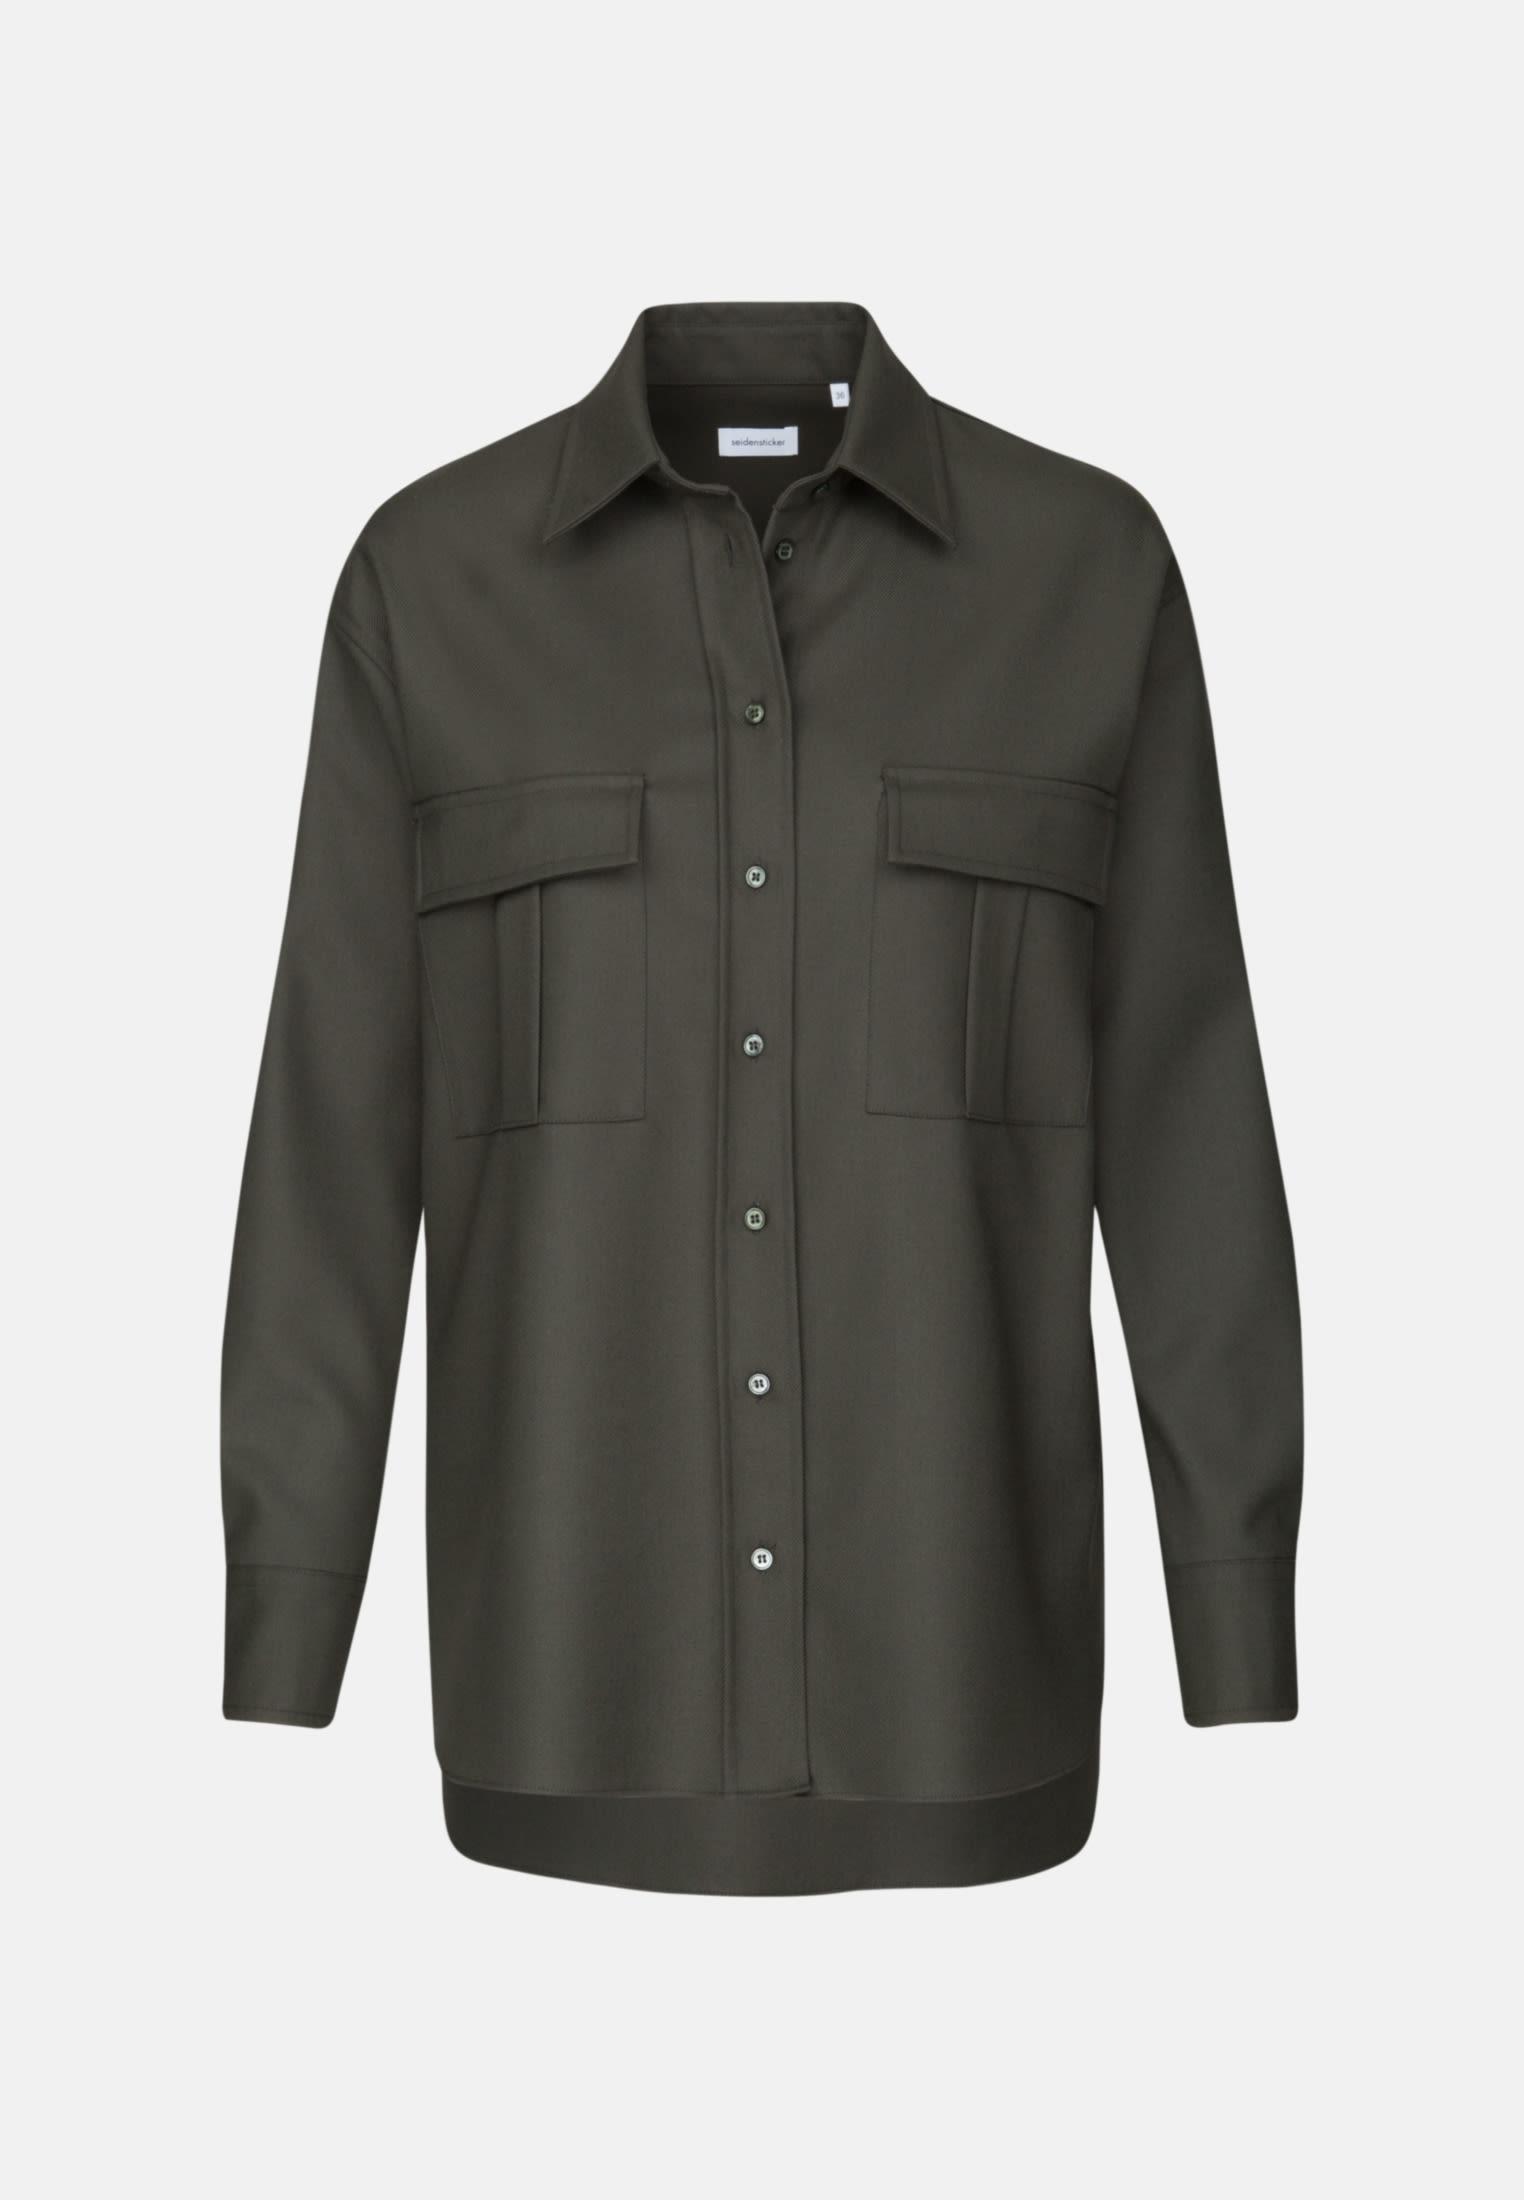 Twill Hemdbluse aus 69% Polyester 30% Viskose 1% Elastan in Grün |  Seidensticker Onlineshop